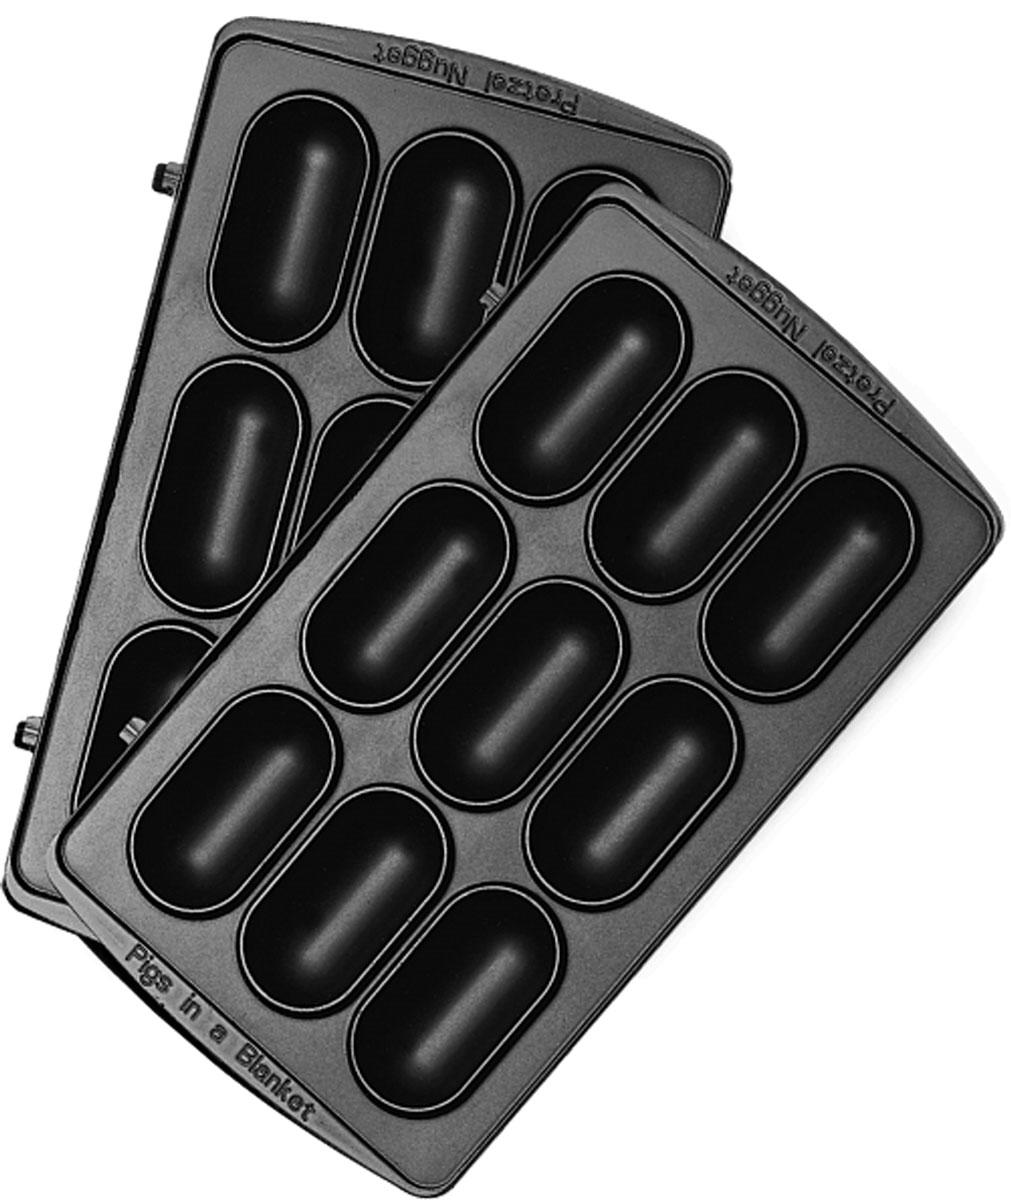 Redmond RAMB-09 панель для мультипекаряRAMB-09Универсальные съемные панели для любого мультипекаря Redmond! С их помощью легко сделать печенье с любой начинкой или топпингами, бисквиты, пряники, а также – небольшие котлетки. Панели изготовлены из металла с антипригарным покрытием – они долговечны и легки в уходе.Подходит для использования в мультипекарях Redmond: RMB-M600, RMB-M601, RMB-M602, RMB-M603, RMBM604, RMB-M605, RMB-M606, RMB-M607, RMB-M608, RMB-M609, RMB-M610, RMB-611.